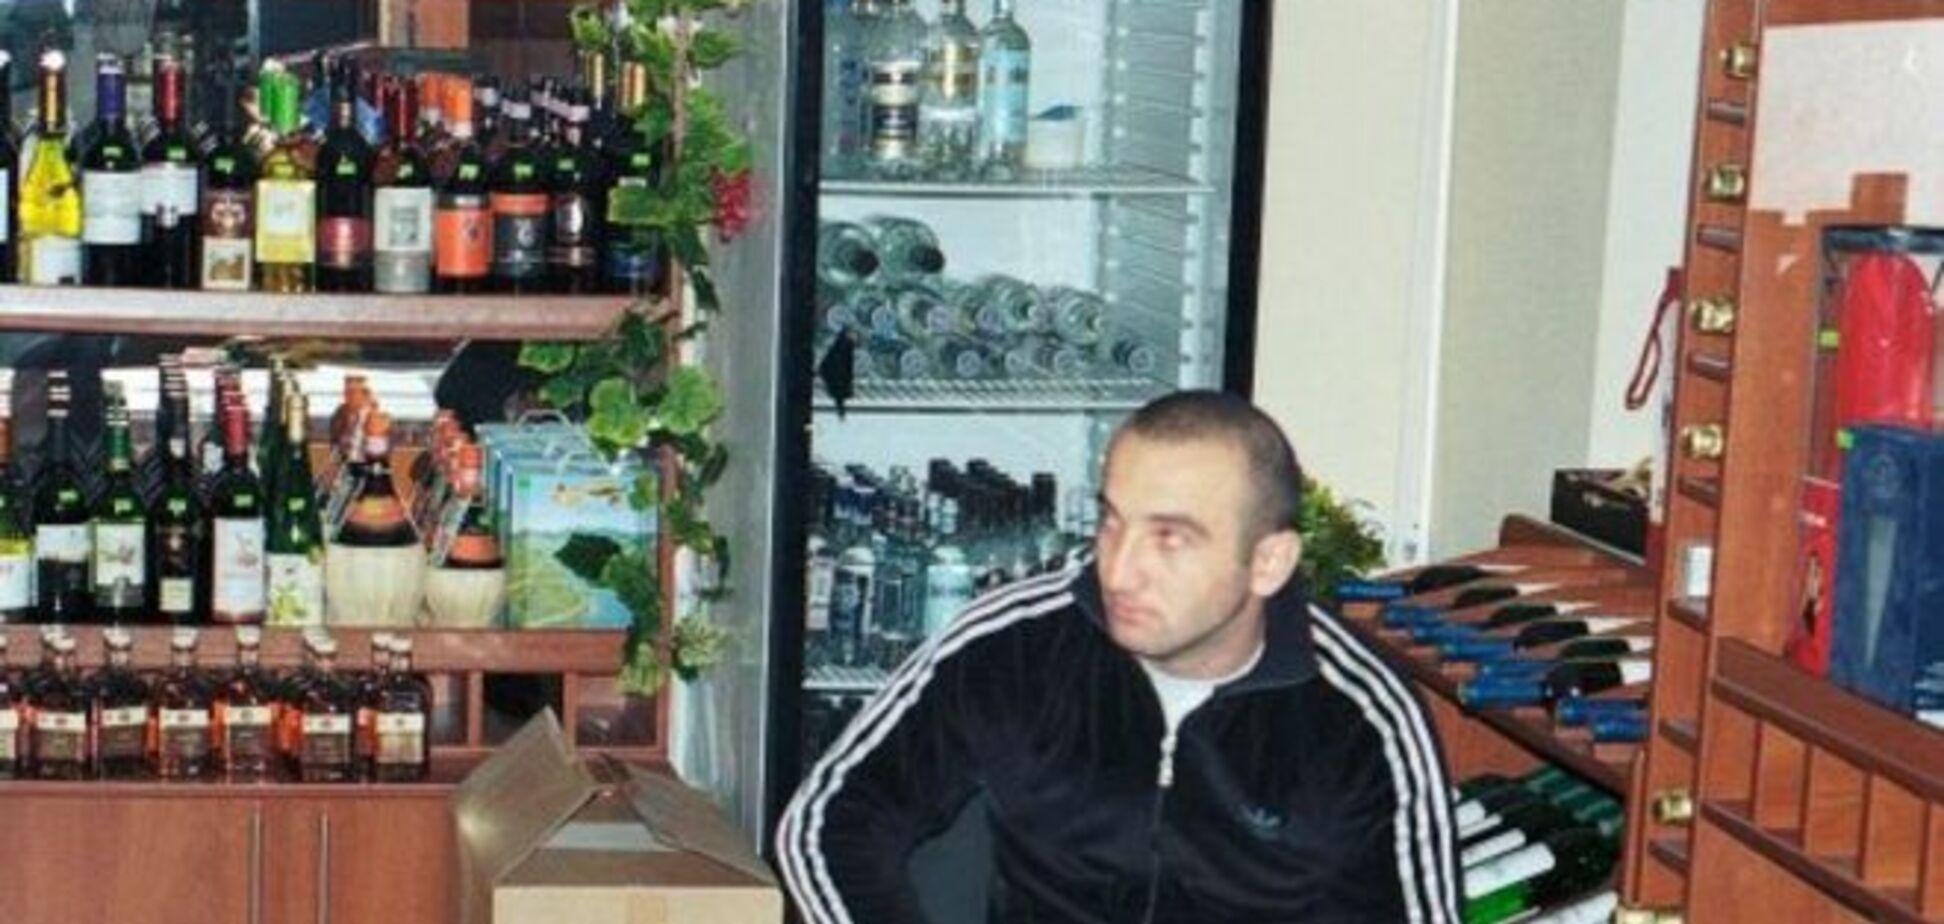 Спорт по-русски: россияне хвастаются в соцсетях фото украденных товаров